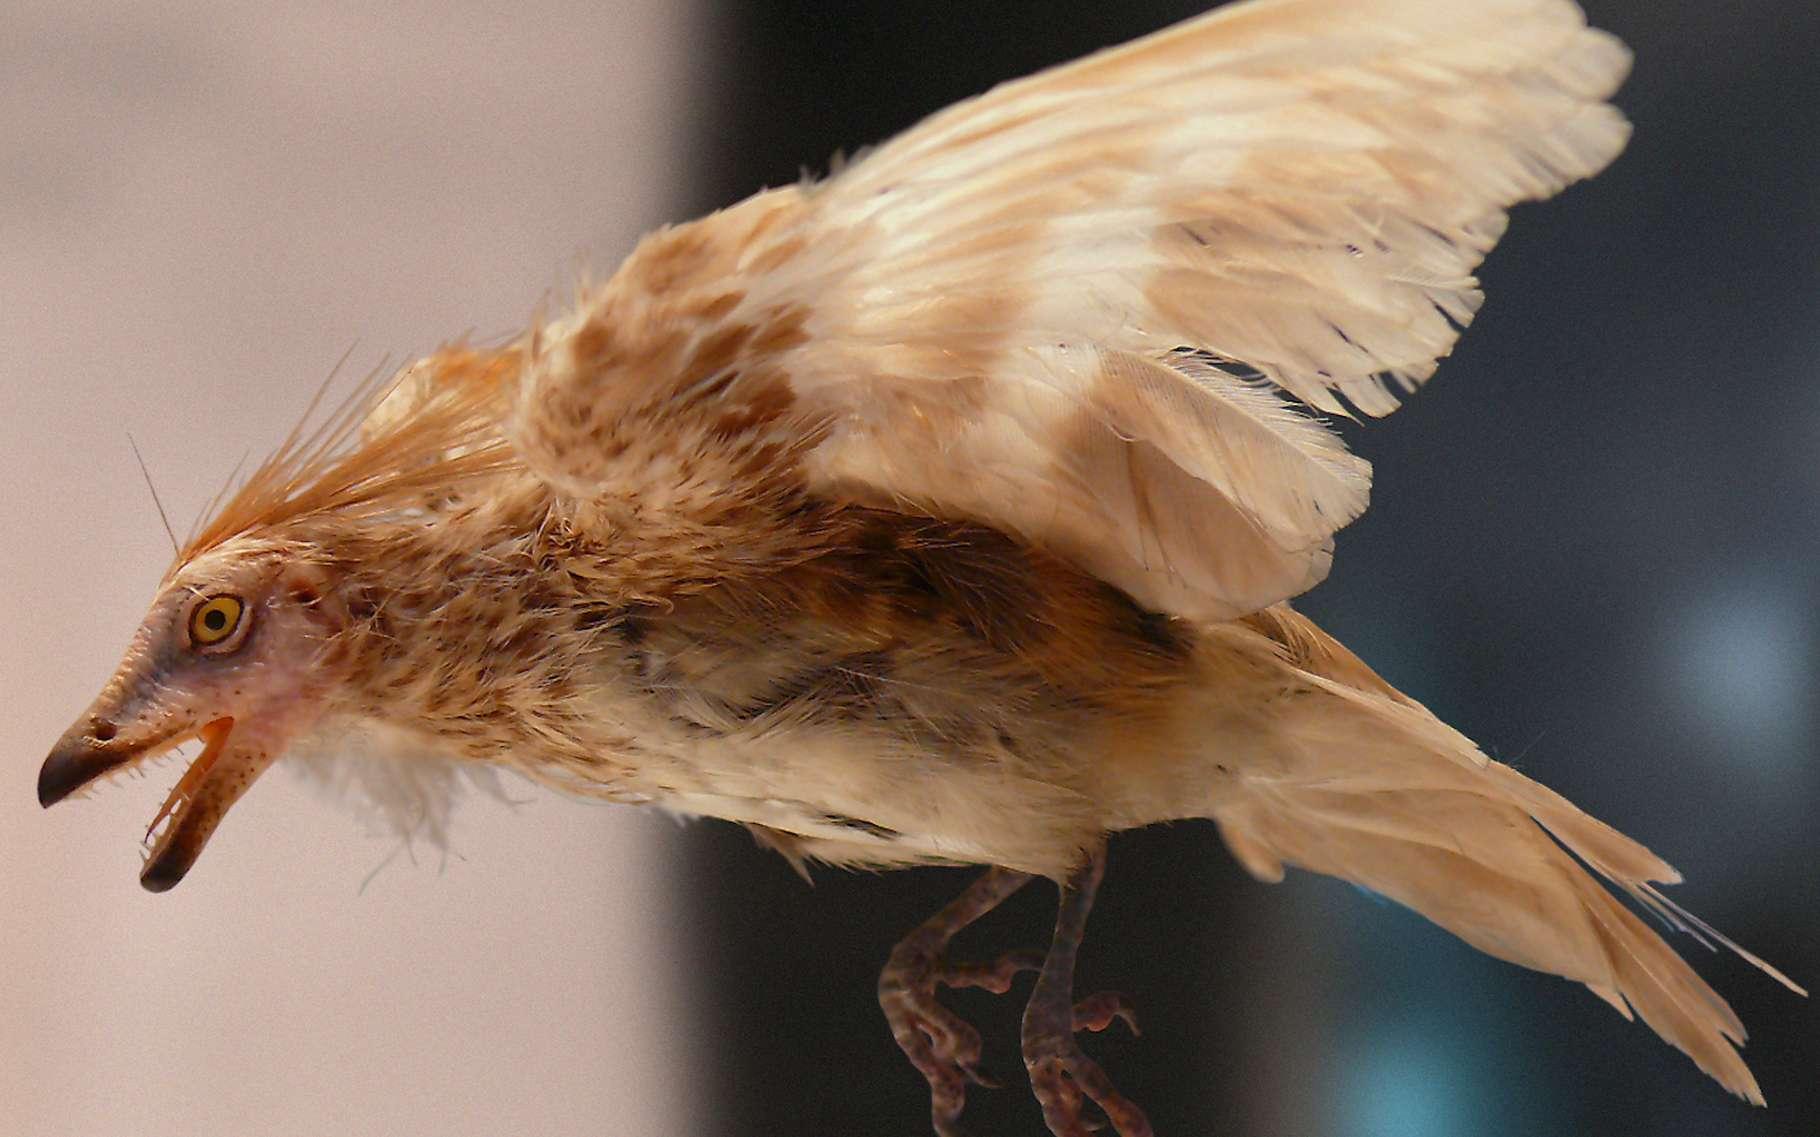 Des paléontologues ont analysé la structure de plumes d'oiseaux préhistoriques prisonnières de l'ambre depuis quelque 100 millions d'années. Celle-ci suggère d'importantes différences de développement et de fonctionnement avec les plumes d'oiseaux modernes. © José-Manuel Benito Alvarez, Wikipedia, Domaine public